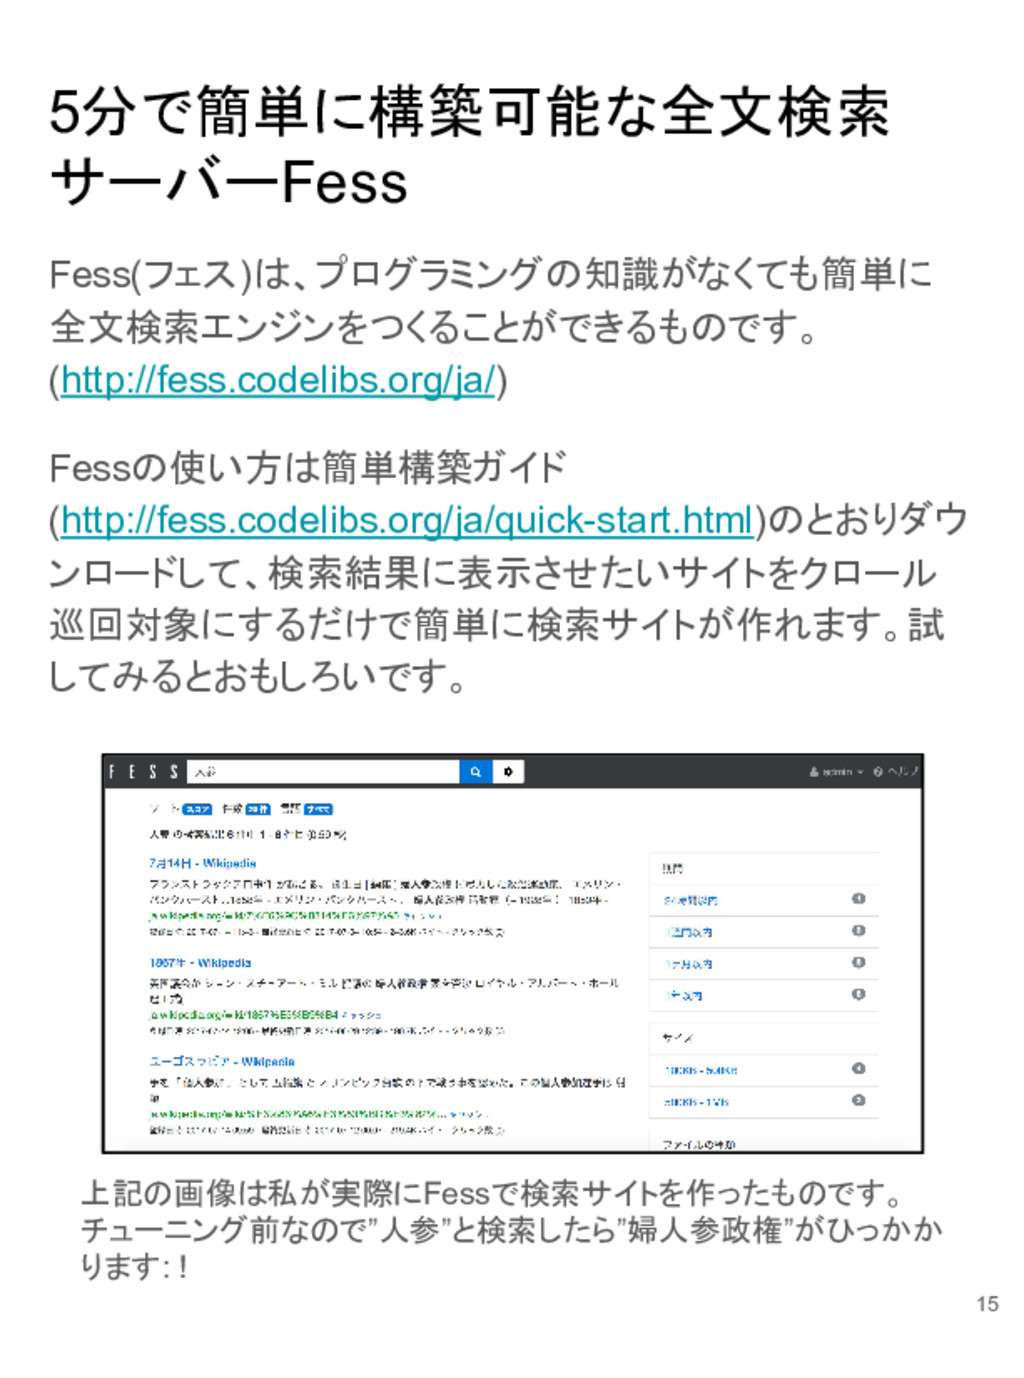 5分で簡単に構築可能な全文検索 サーバーFess Fess(フェス)は、プログラミングの知識が...